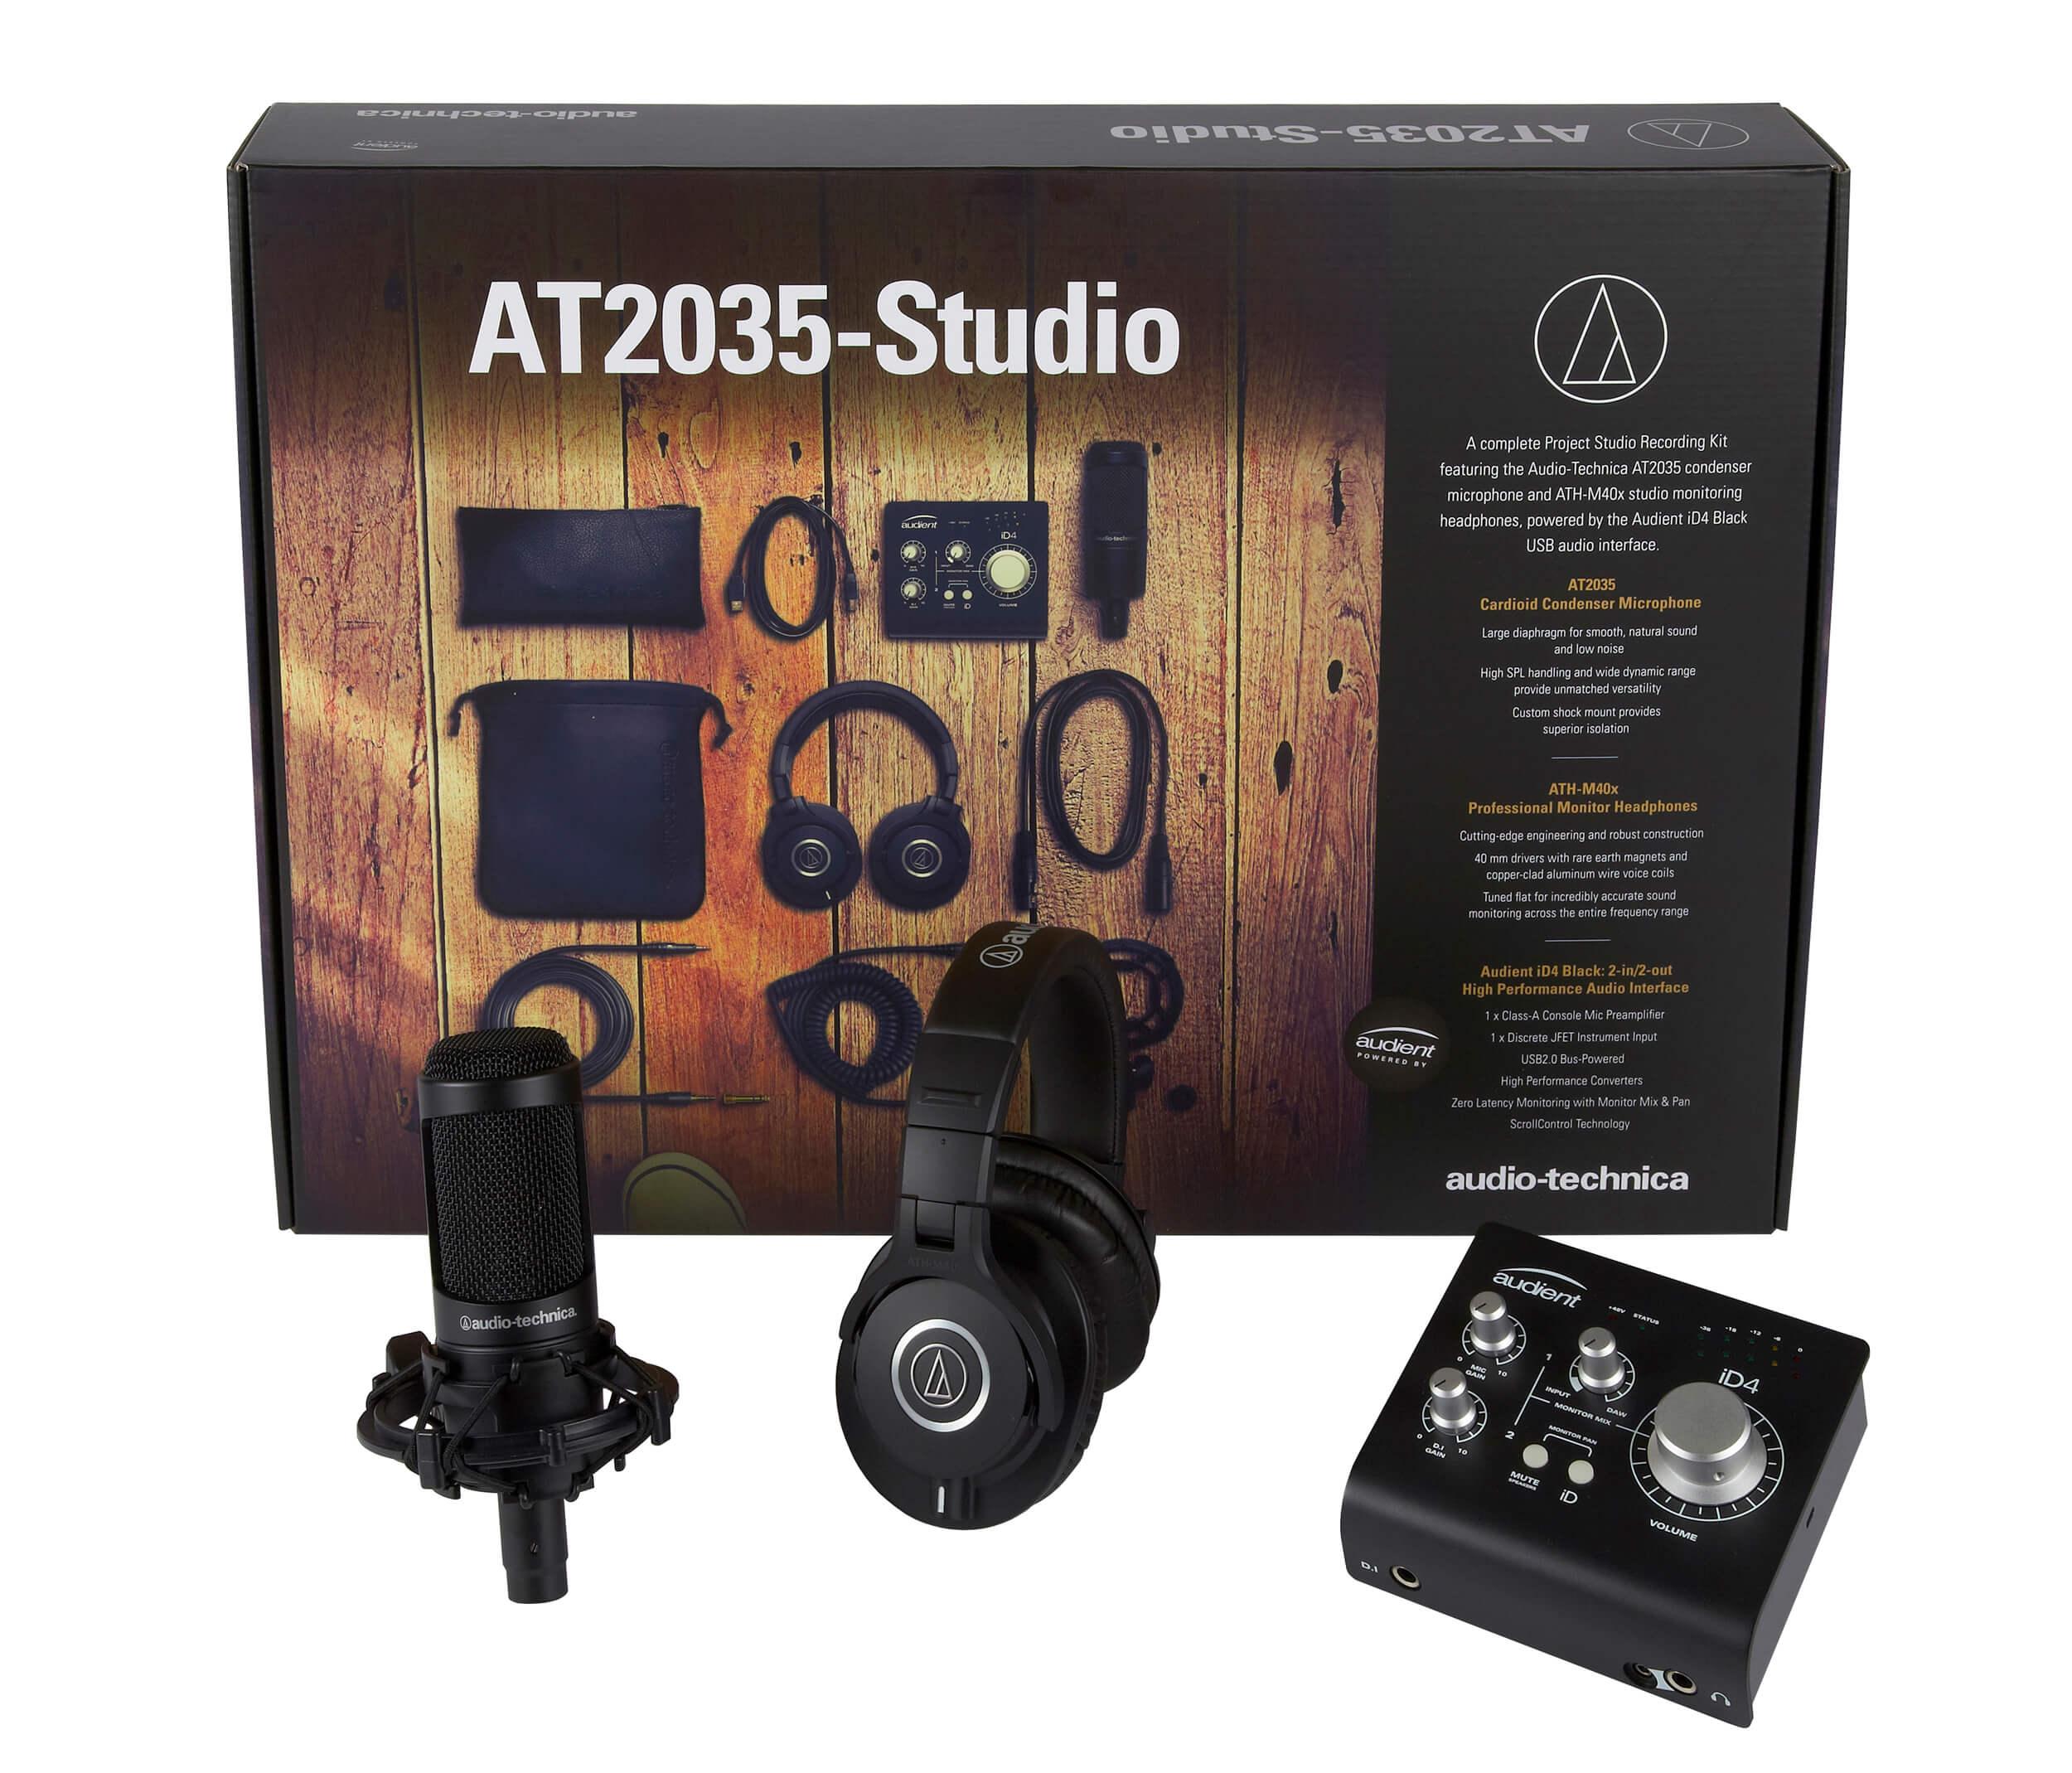 AT2035-Studio